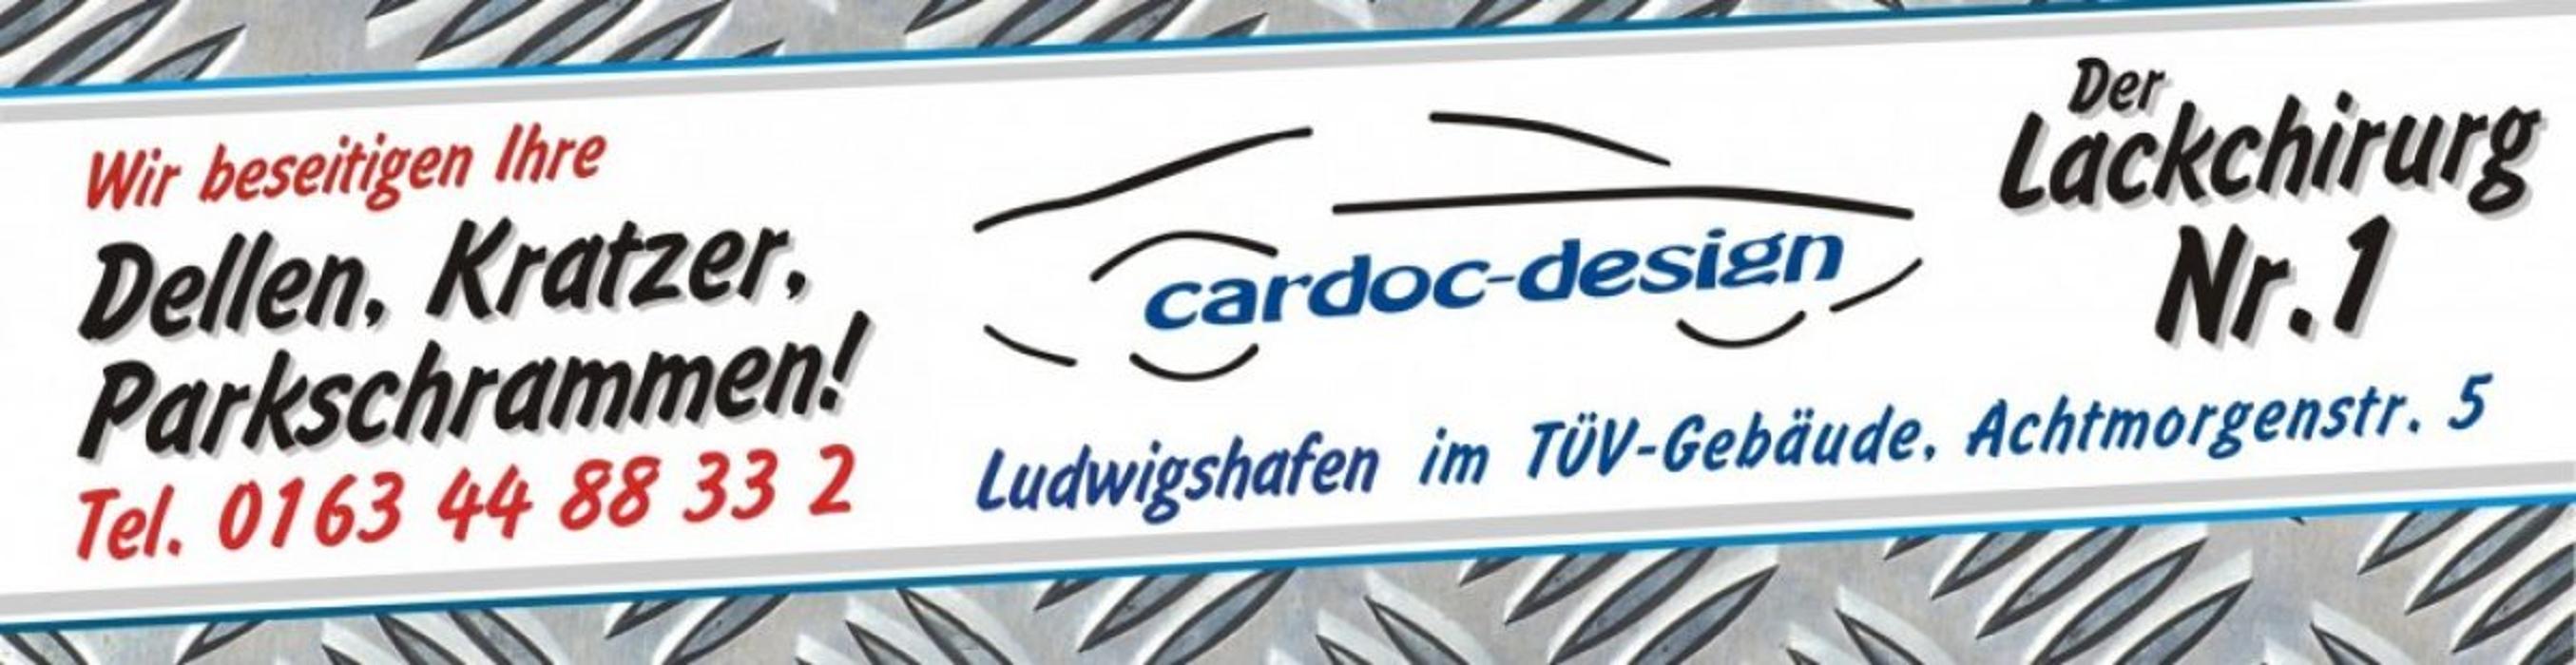 Bild zu Cardoc-Design in Ludwigshafen am Rhein